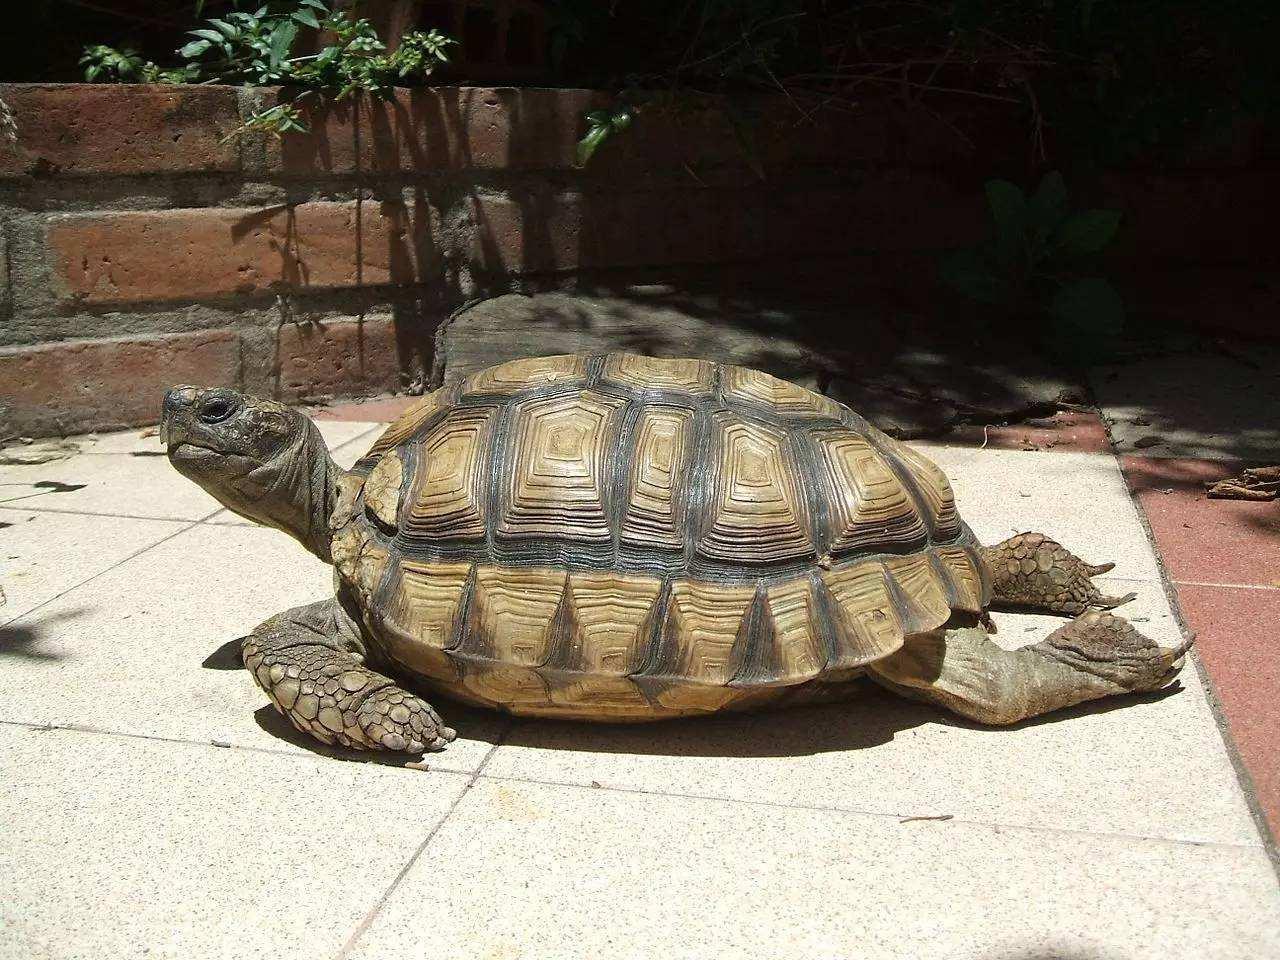 阿根廷象龟寿命 阿根廷象龟的寿命